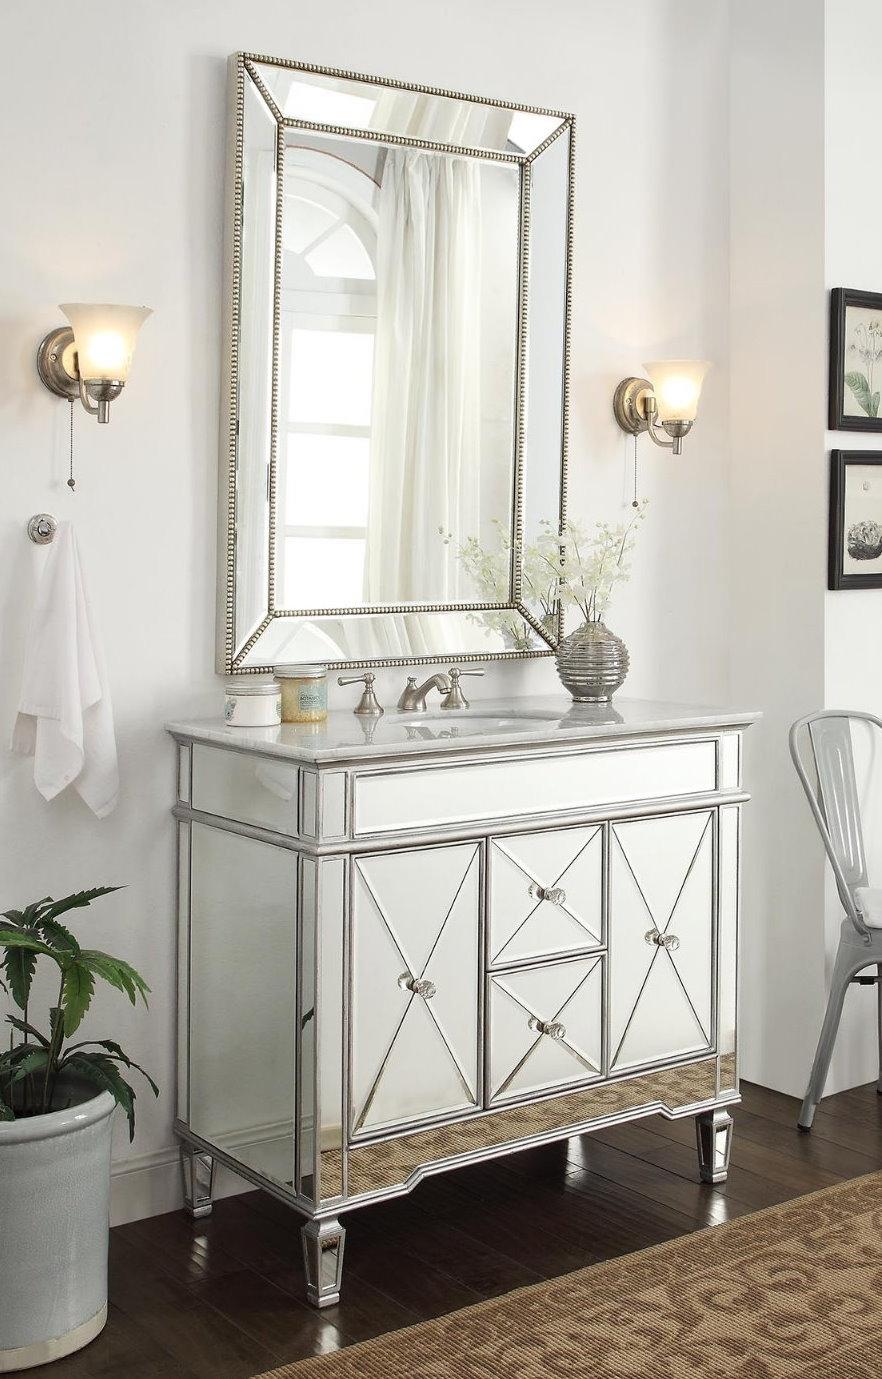 Mirrored Bathroom Vanities Cabinets